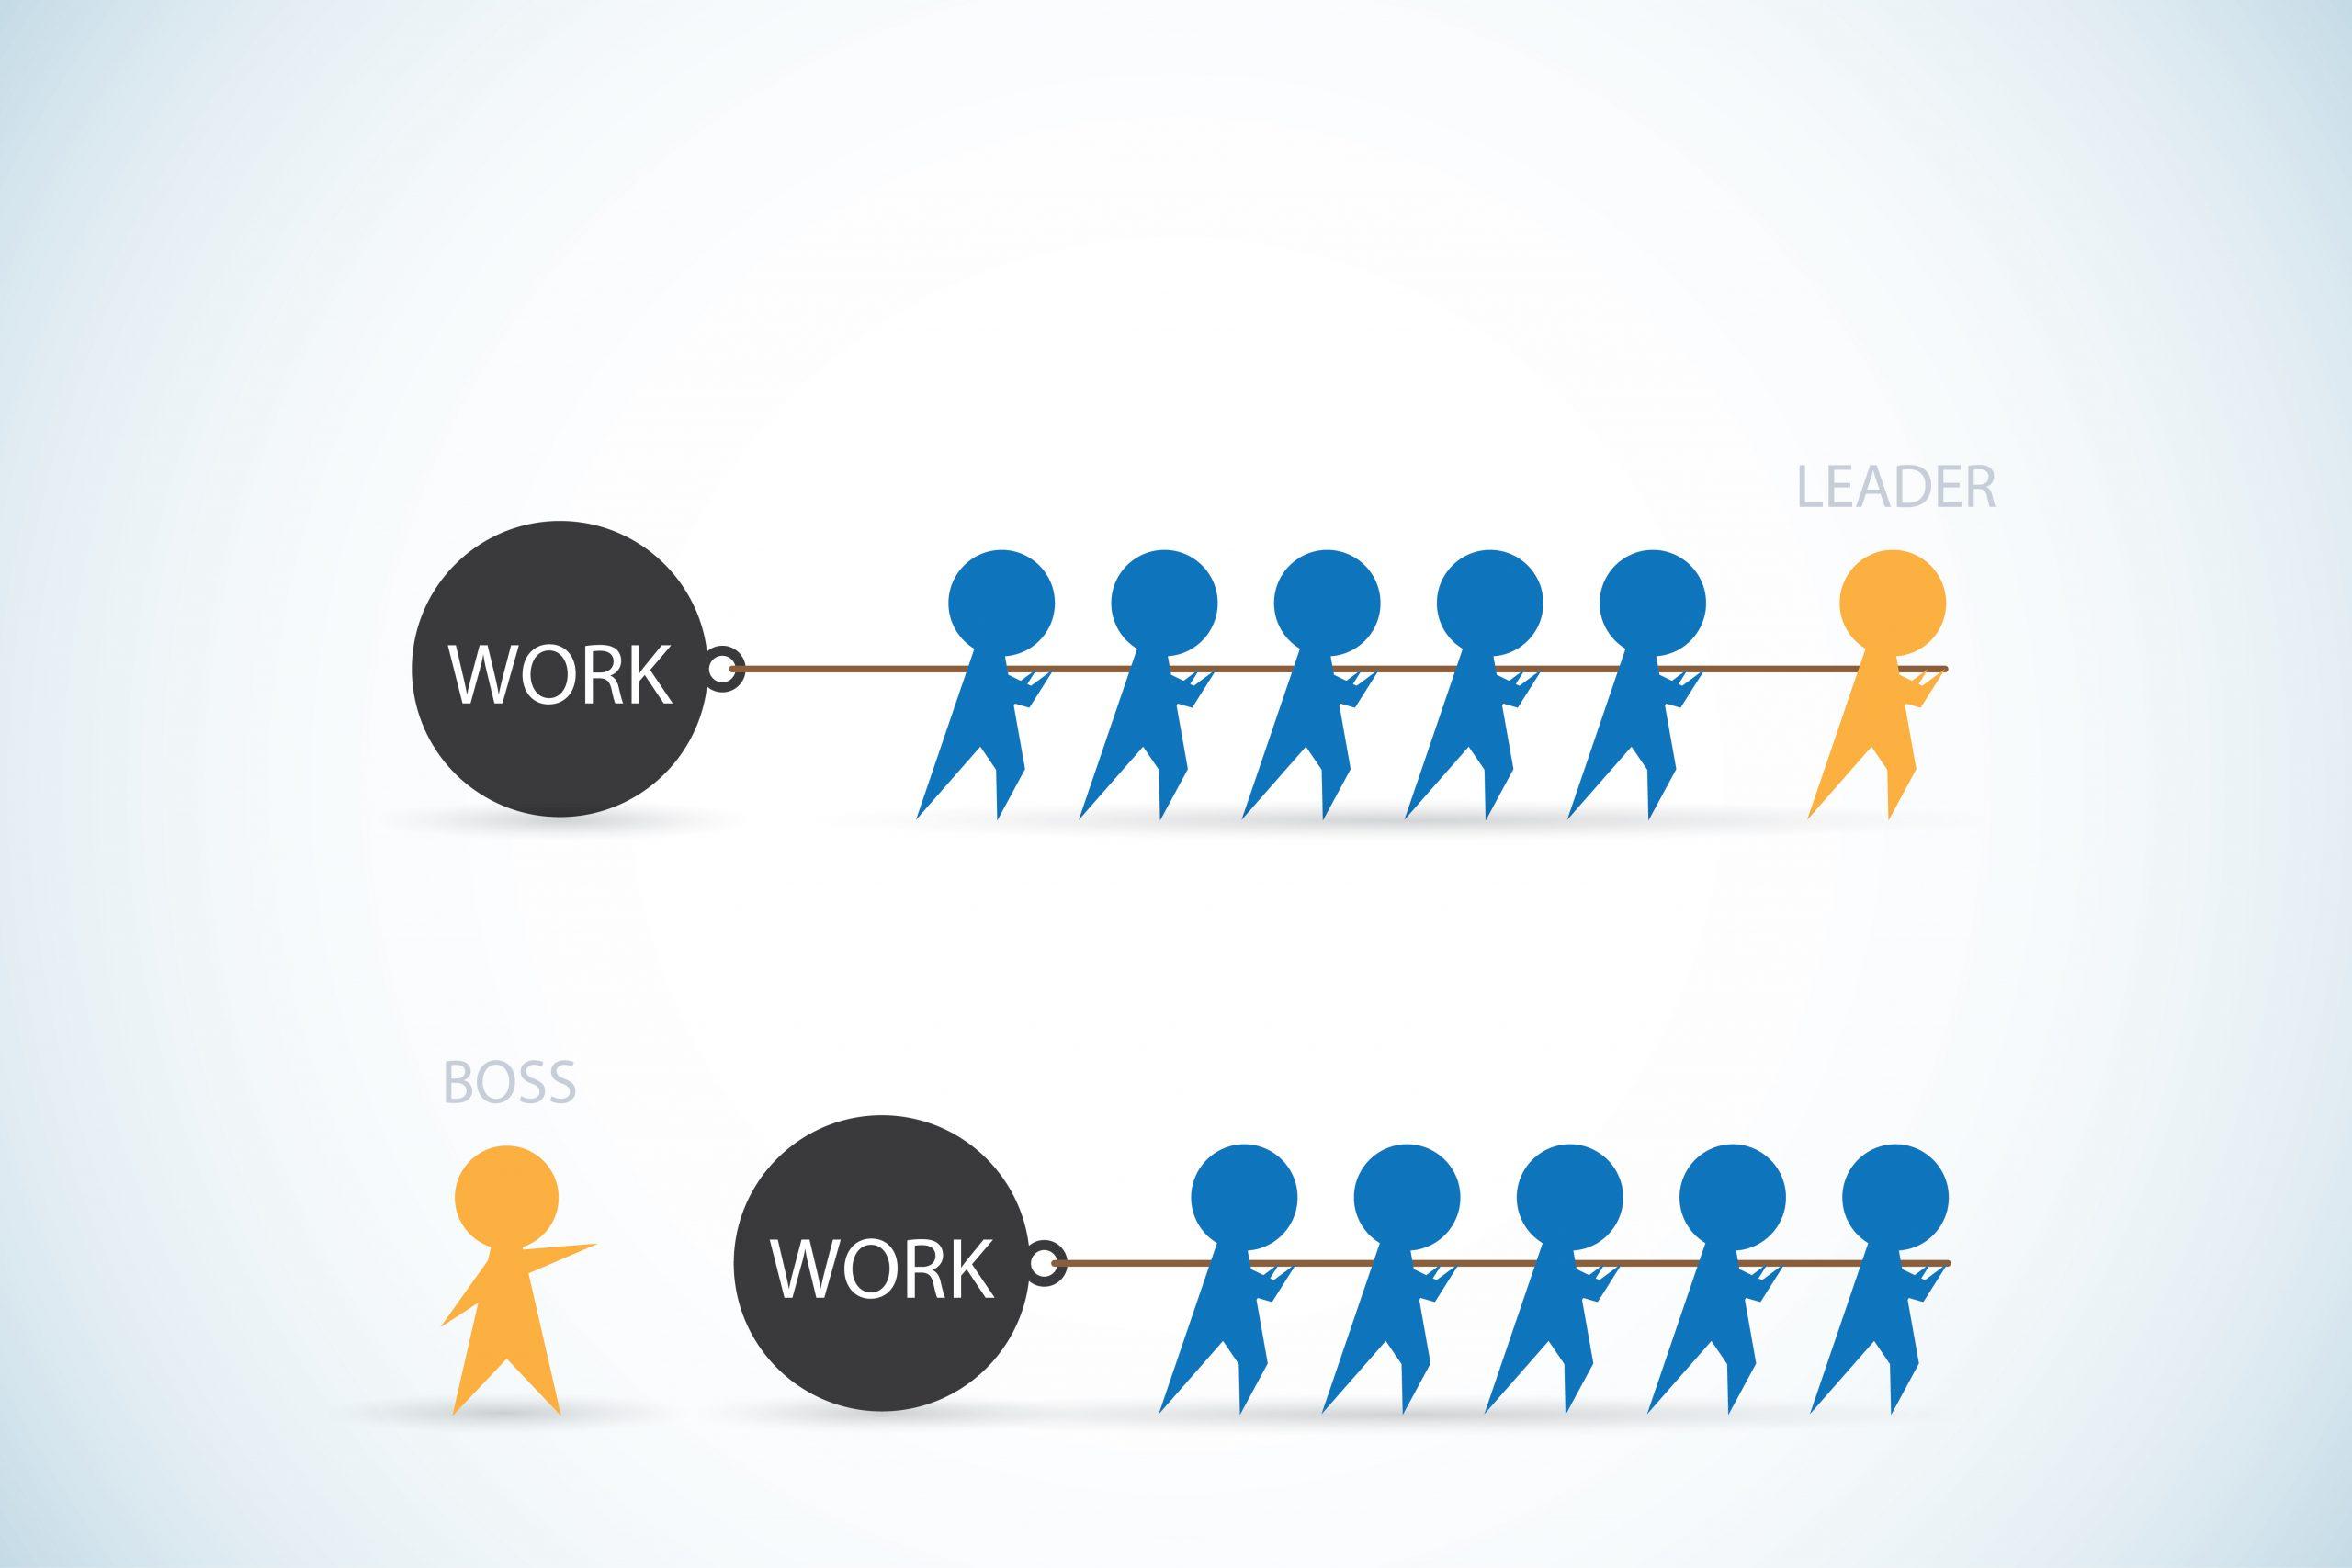 Économie d'entreprise – Qu'est-ce qui différencie un manager d'un leader ?